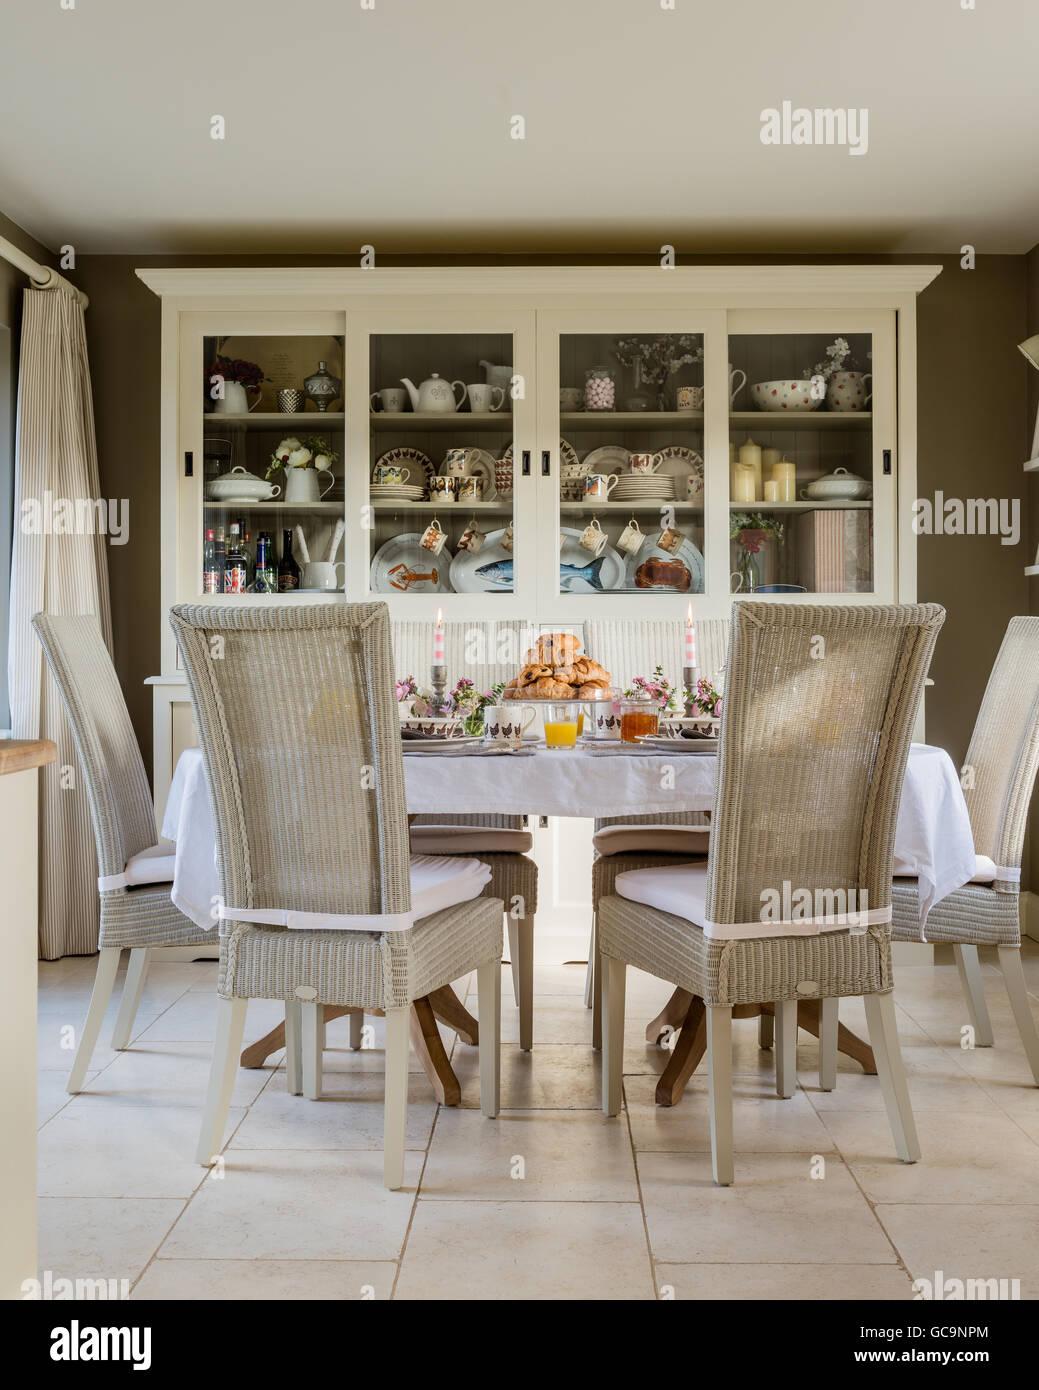 Fulham Lloyd Loom Stühle Tisch mit Croissant gelegt. Eine große weiße Kommode steht im Hintergrund Stockbild